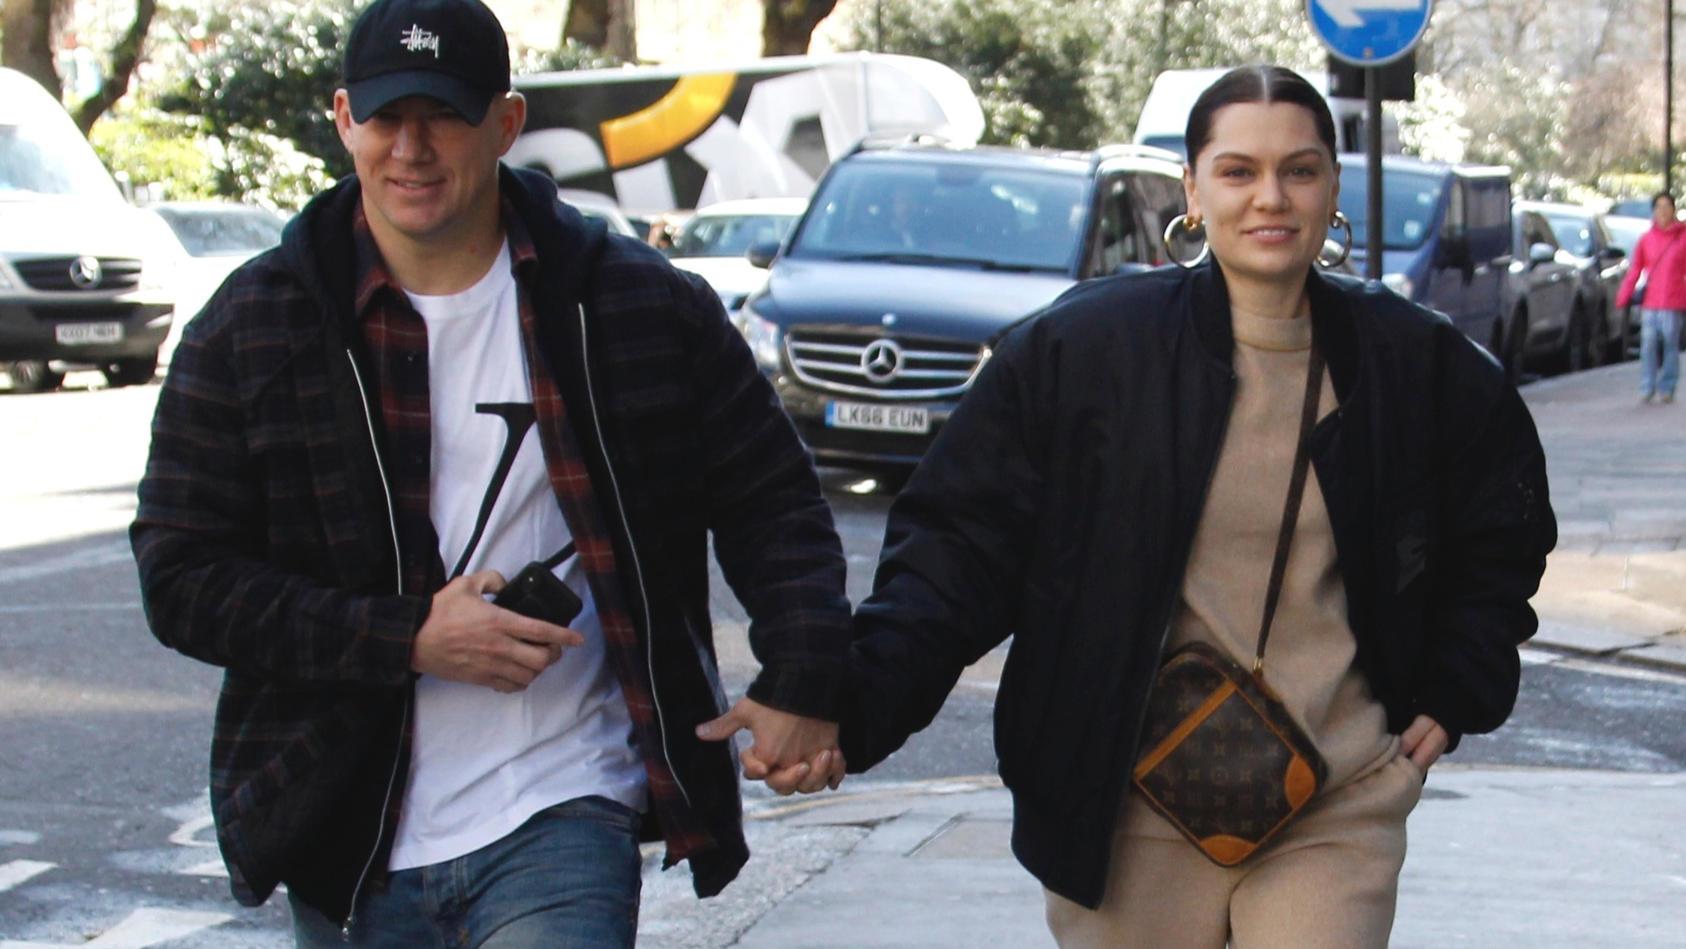 Eines der wenigen Pärchenfotos von Channing Tatum und Jessie J von März 2019.